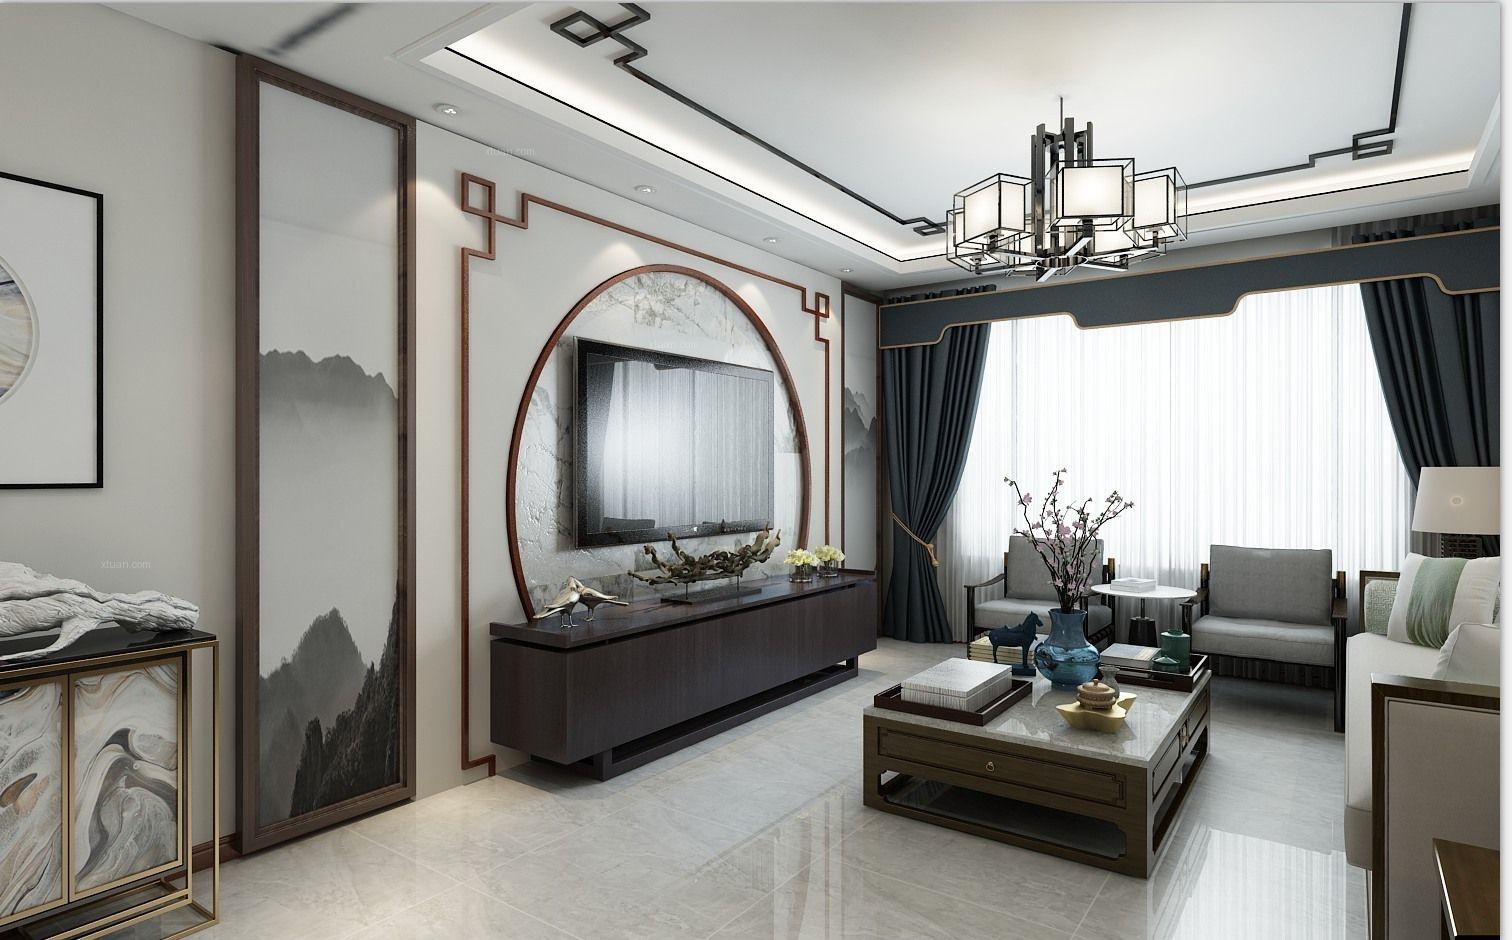 水墨之美新中式-哈尔滨鸣雀装饰